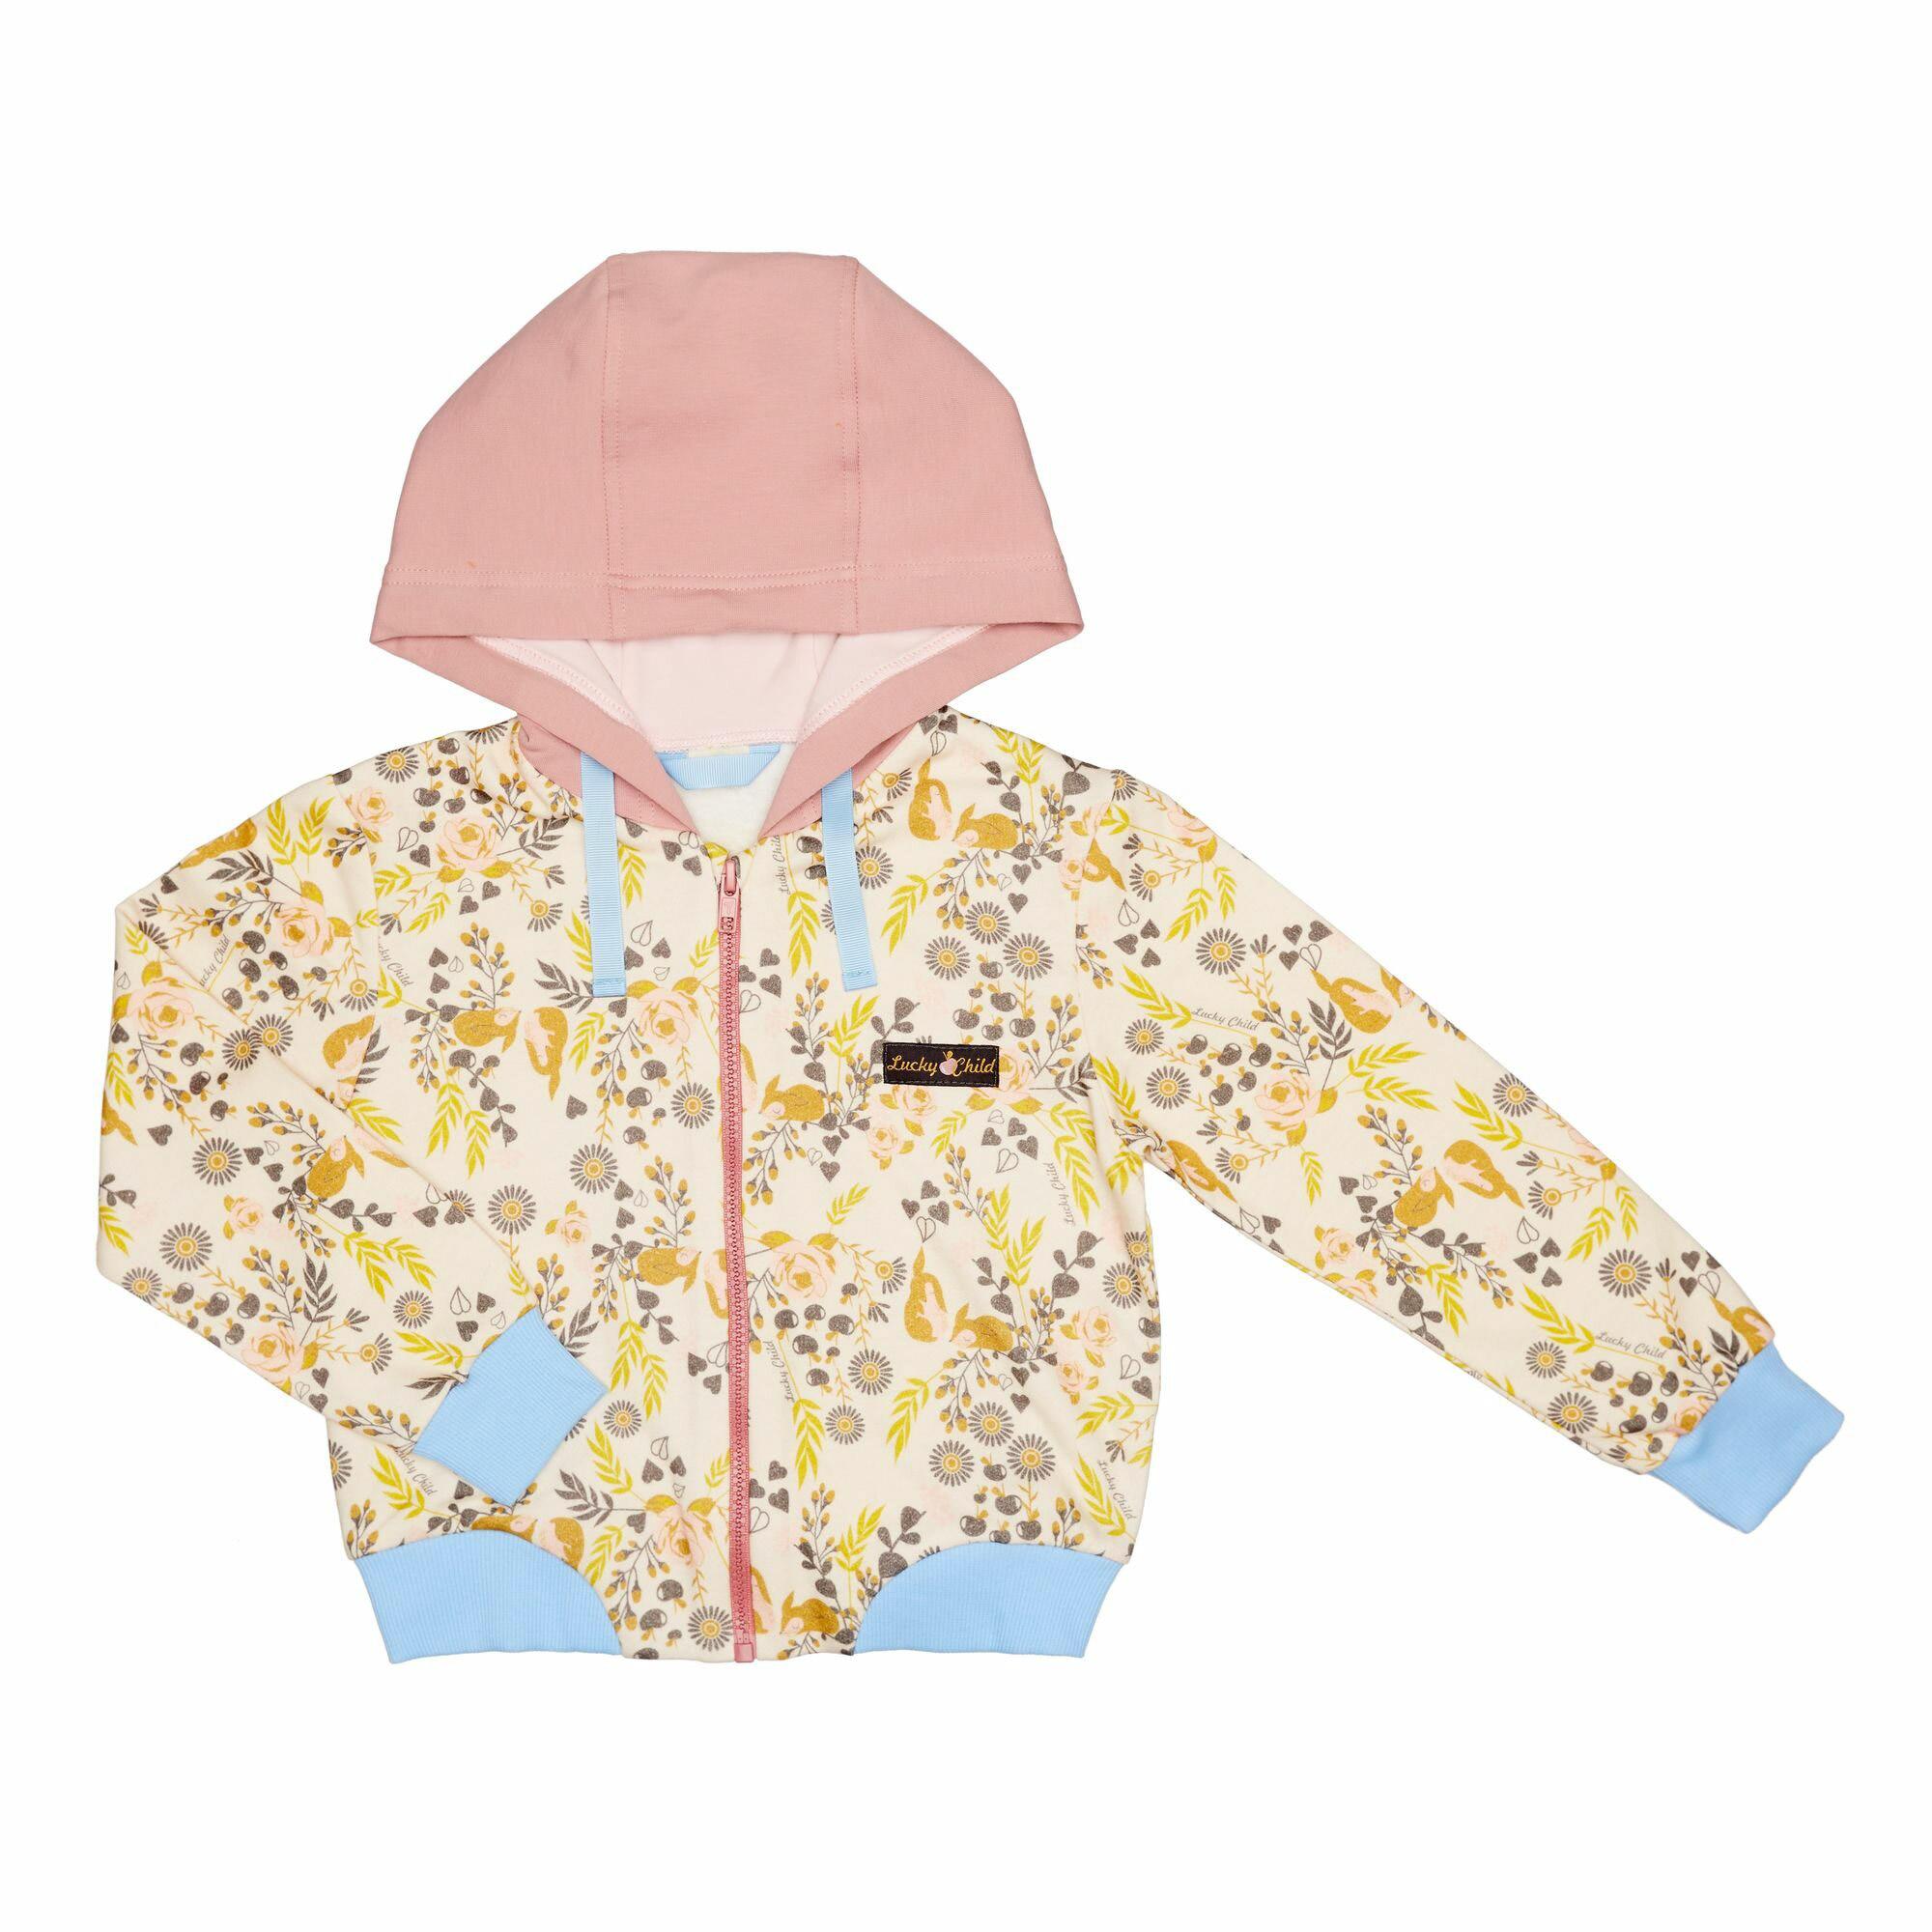 Купить Куртка на молнии Lucky Child Осенний лес 116-122, Разноцветный, Футер, Для девочек, Осень-Зима,